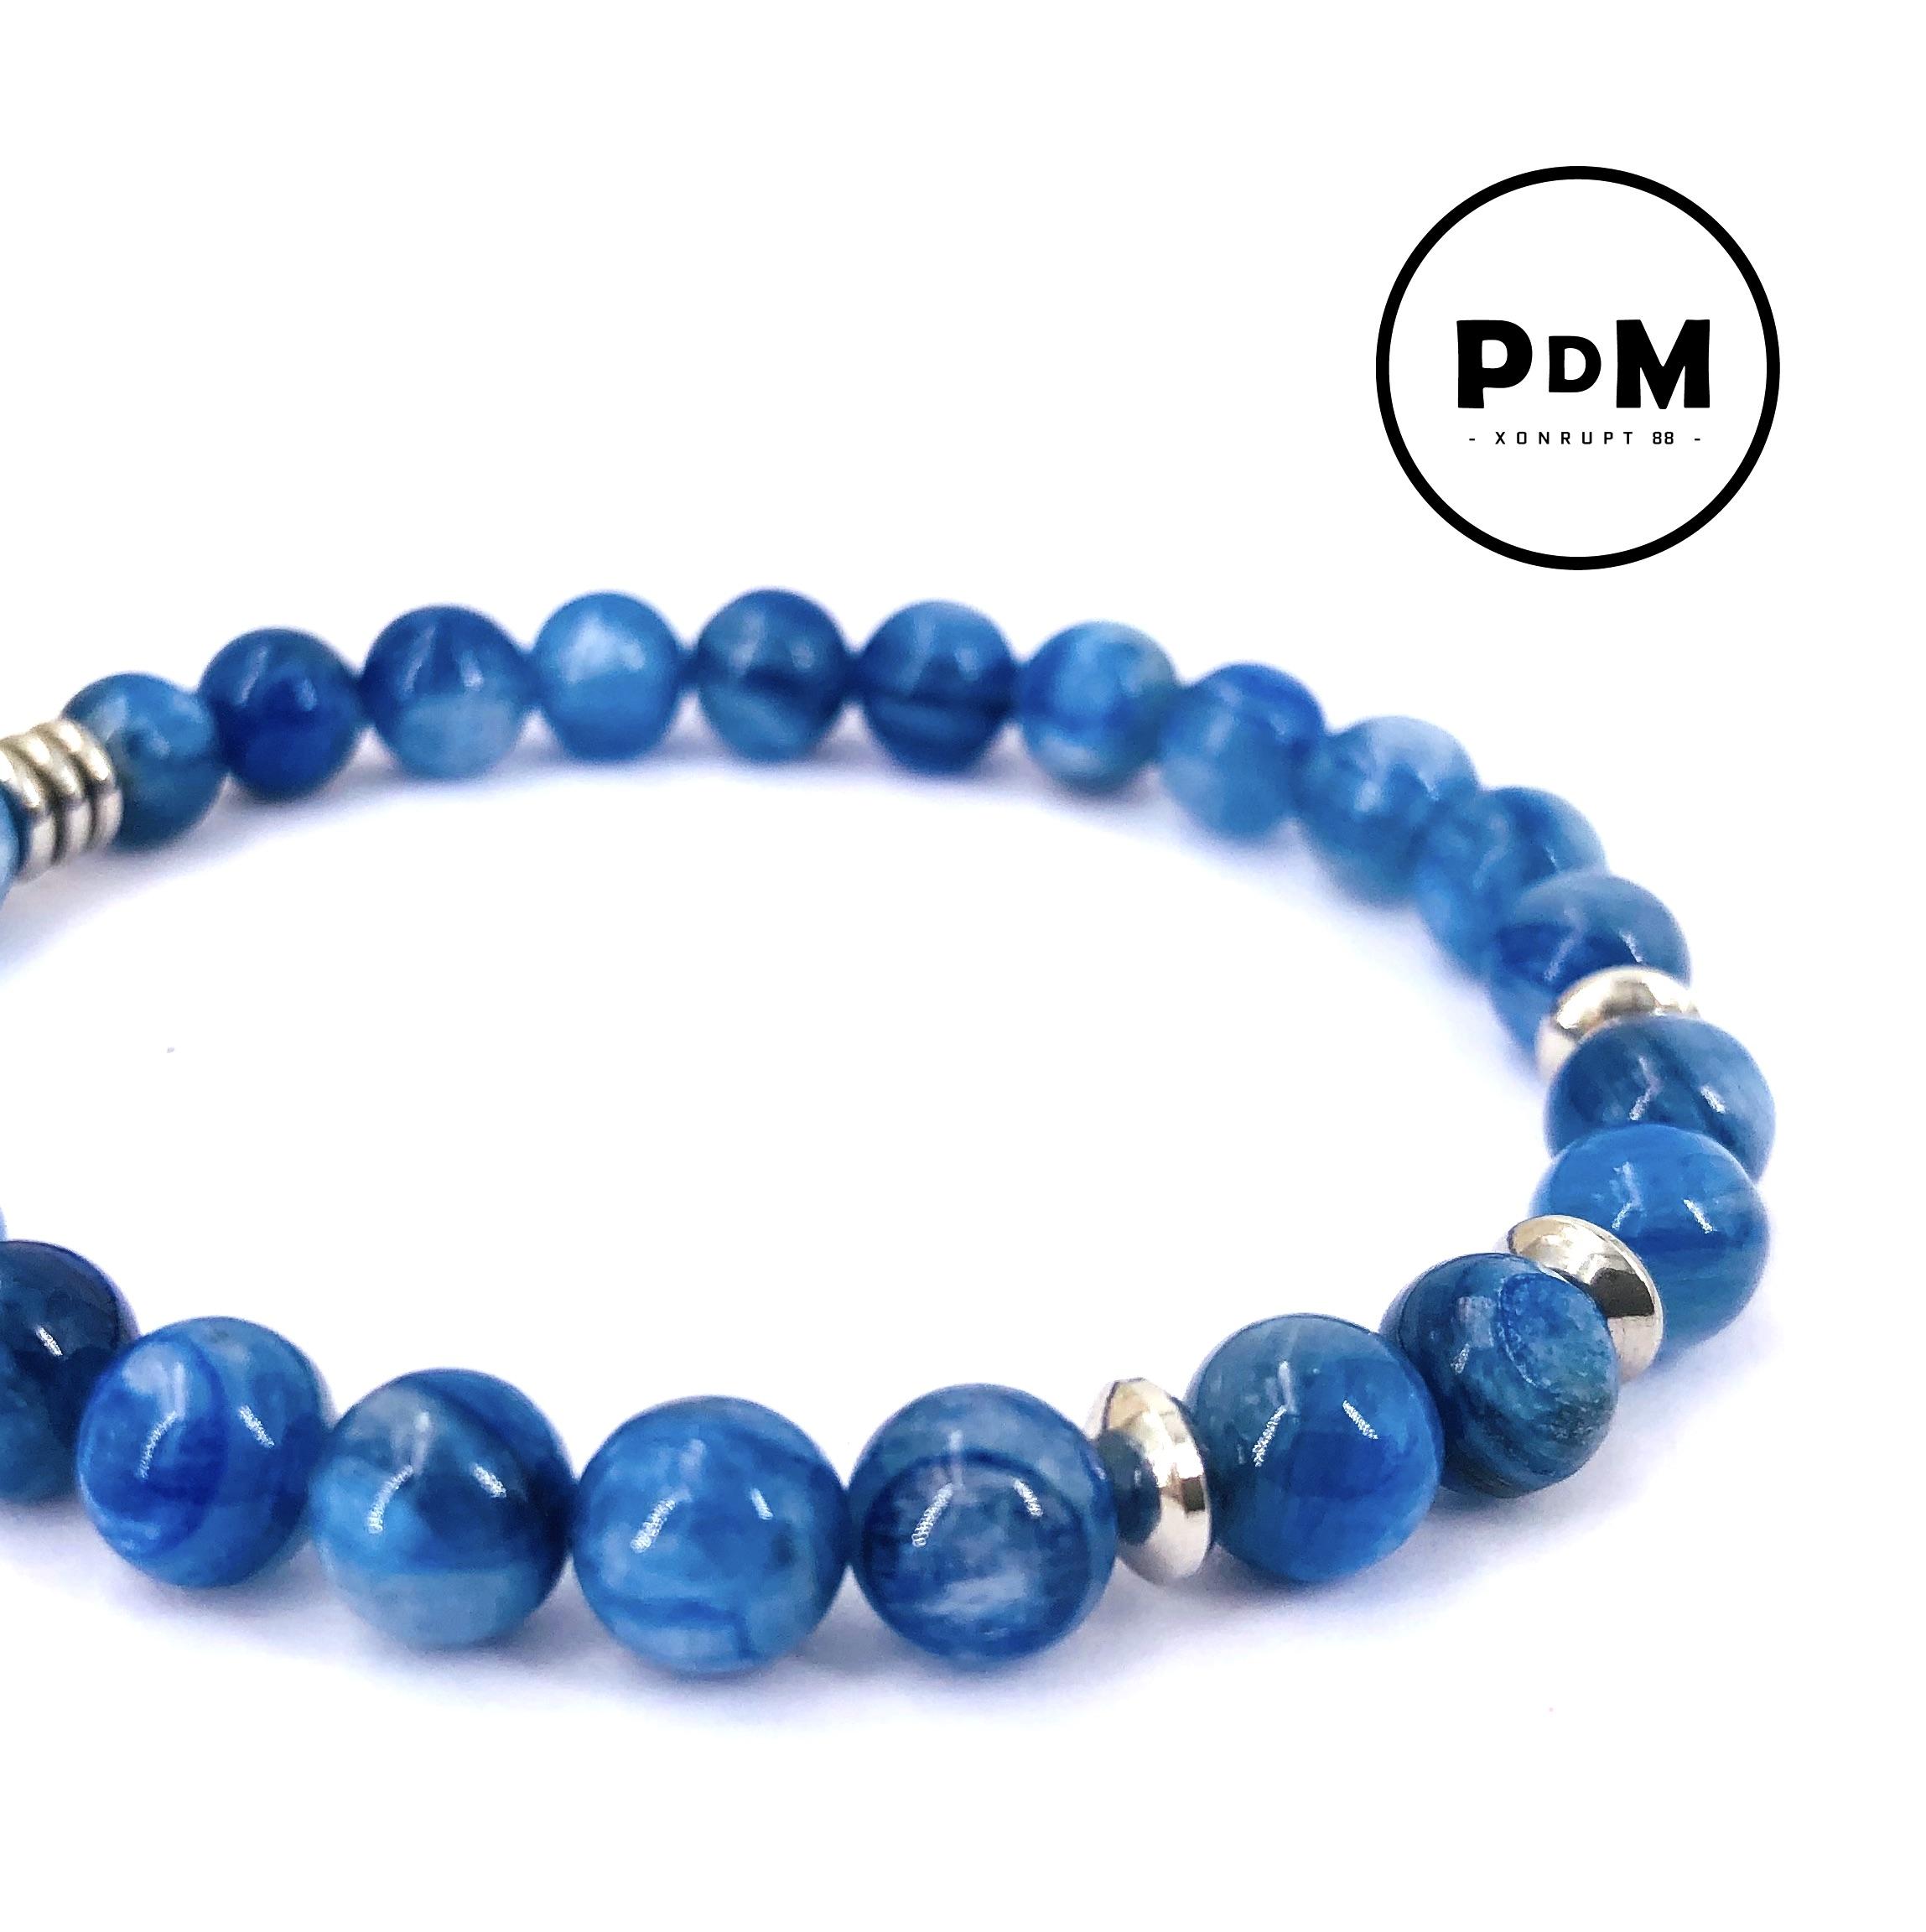 Bracelet de Cyanite en pierre naturelle perle 6mm